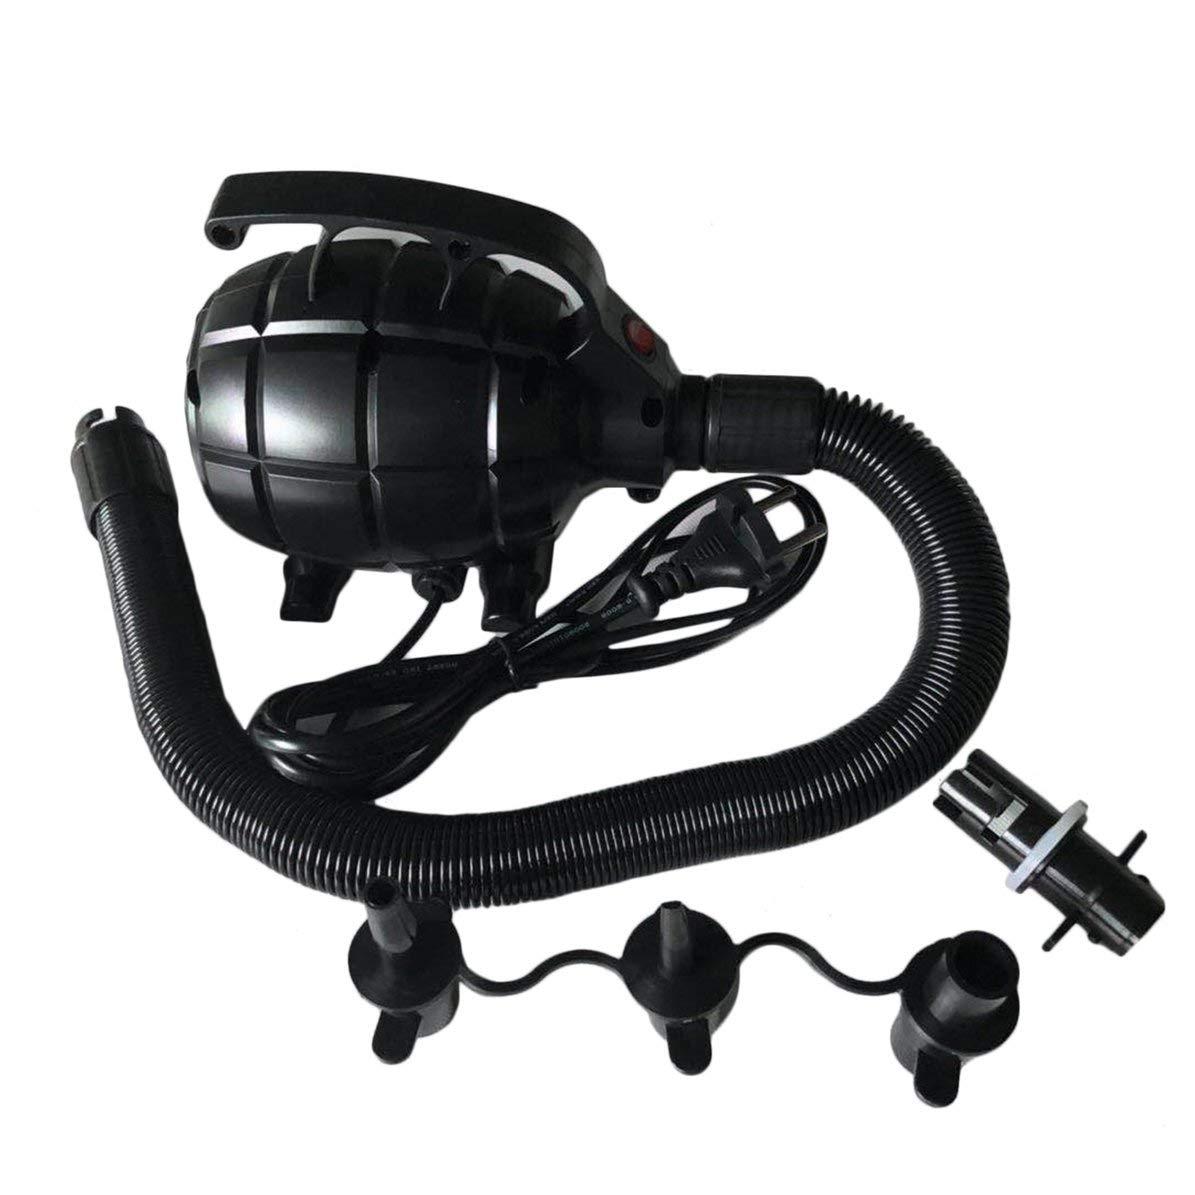 DoMoment Luftkompressor-elektrische Luft taumelnde Bahn-Gymnastik-Pumpen-Gymnastik-Matten pumpen elektrische Luftpumpe